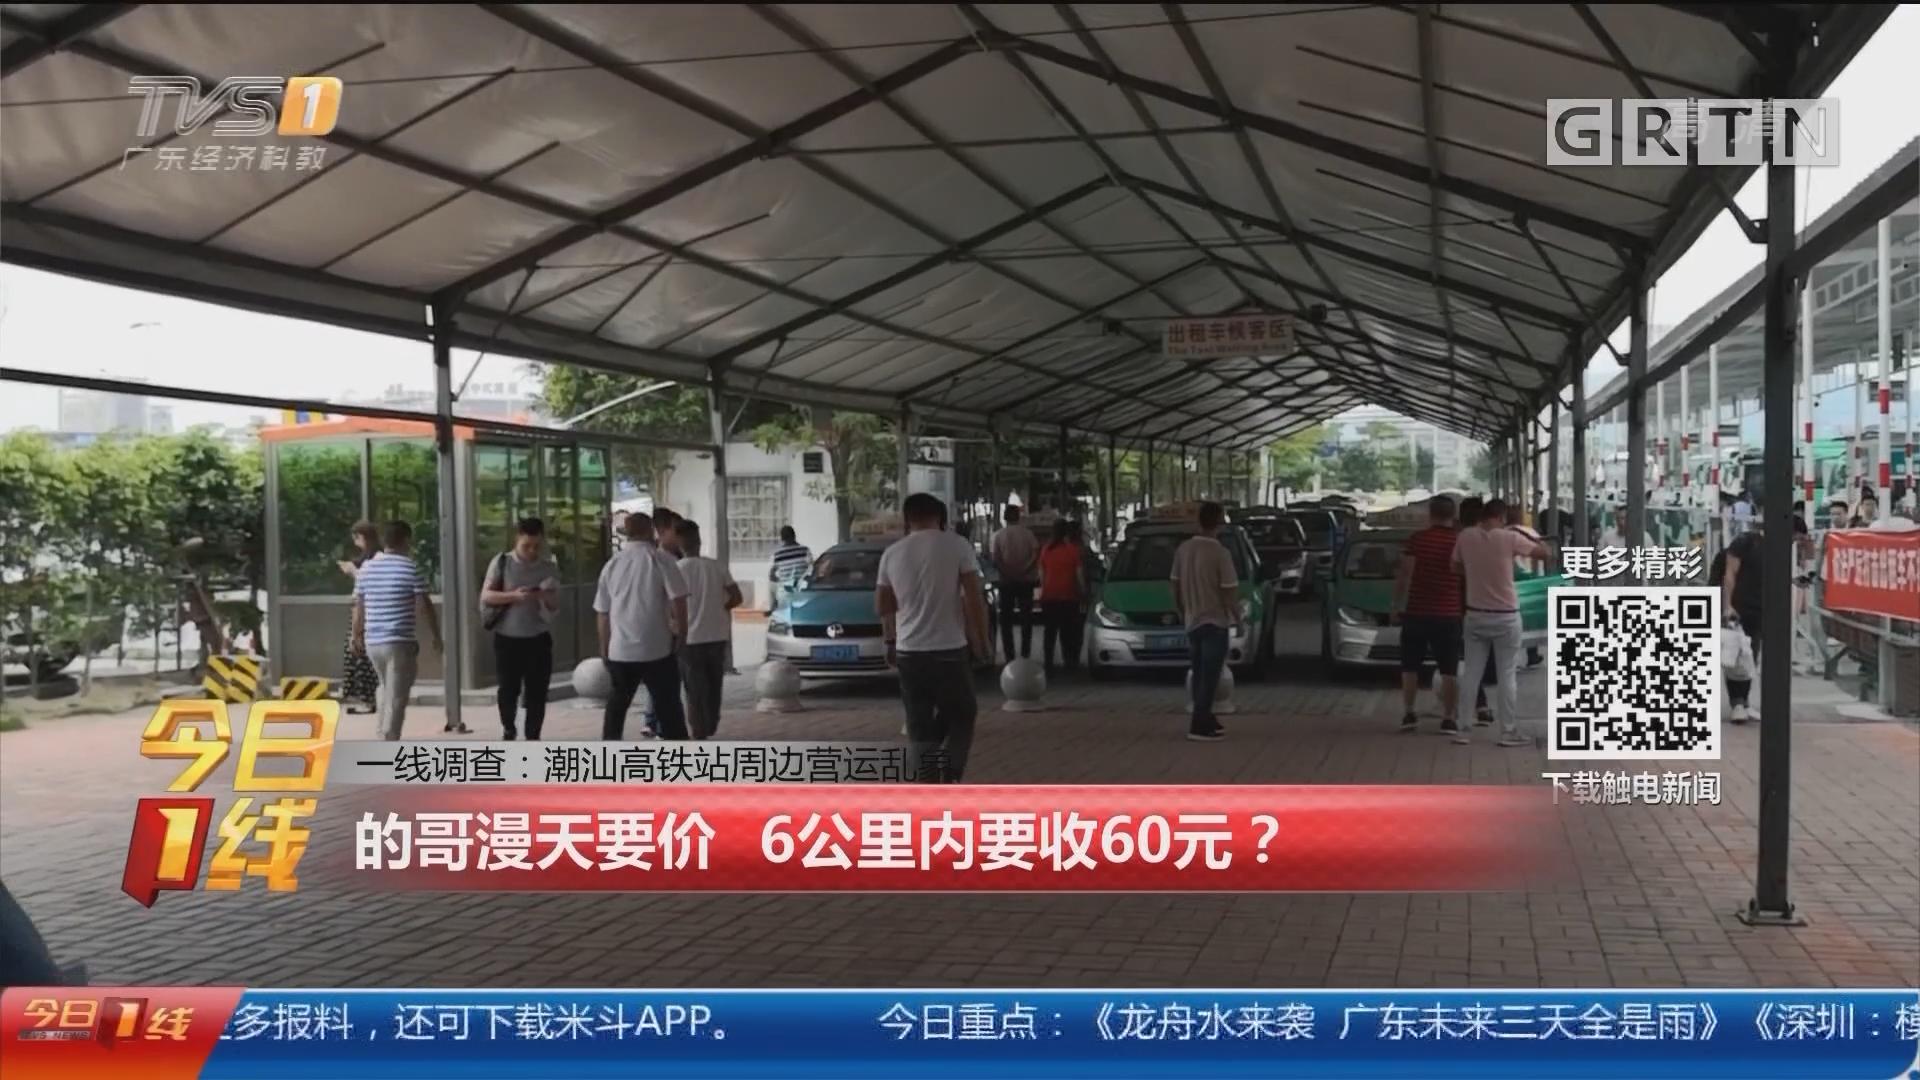 一线调查:潮汕高铁站周边营运乱象 的哥漫天要价 6公里内要收60元?